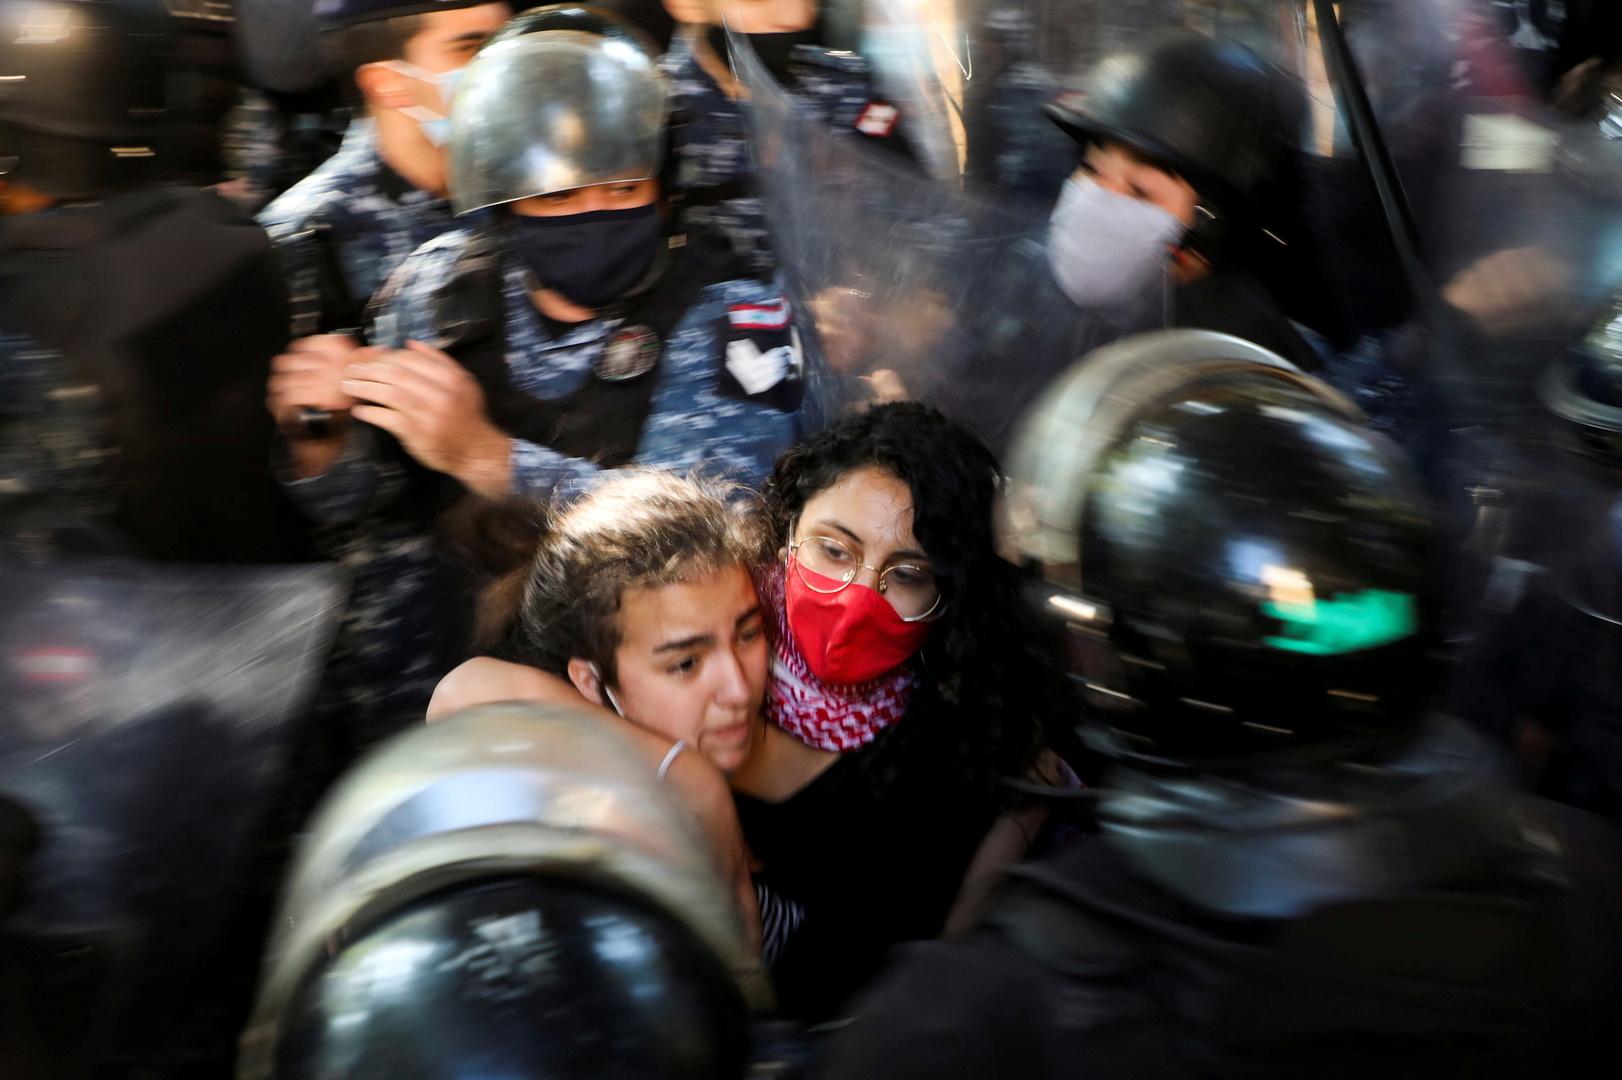 لبنان.. قطع طرقات رئيسية احتجاجا على تردي الأوضاع المعيشية ورفضا للإقفال الشامل